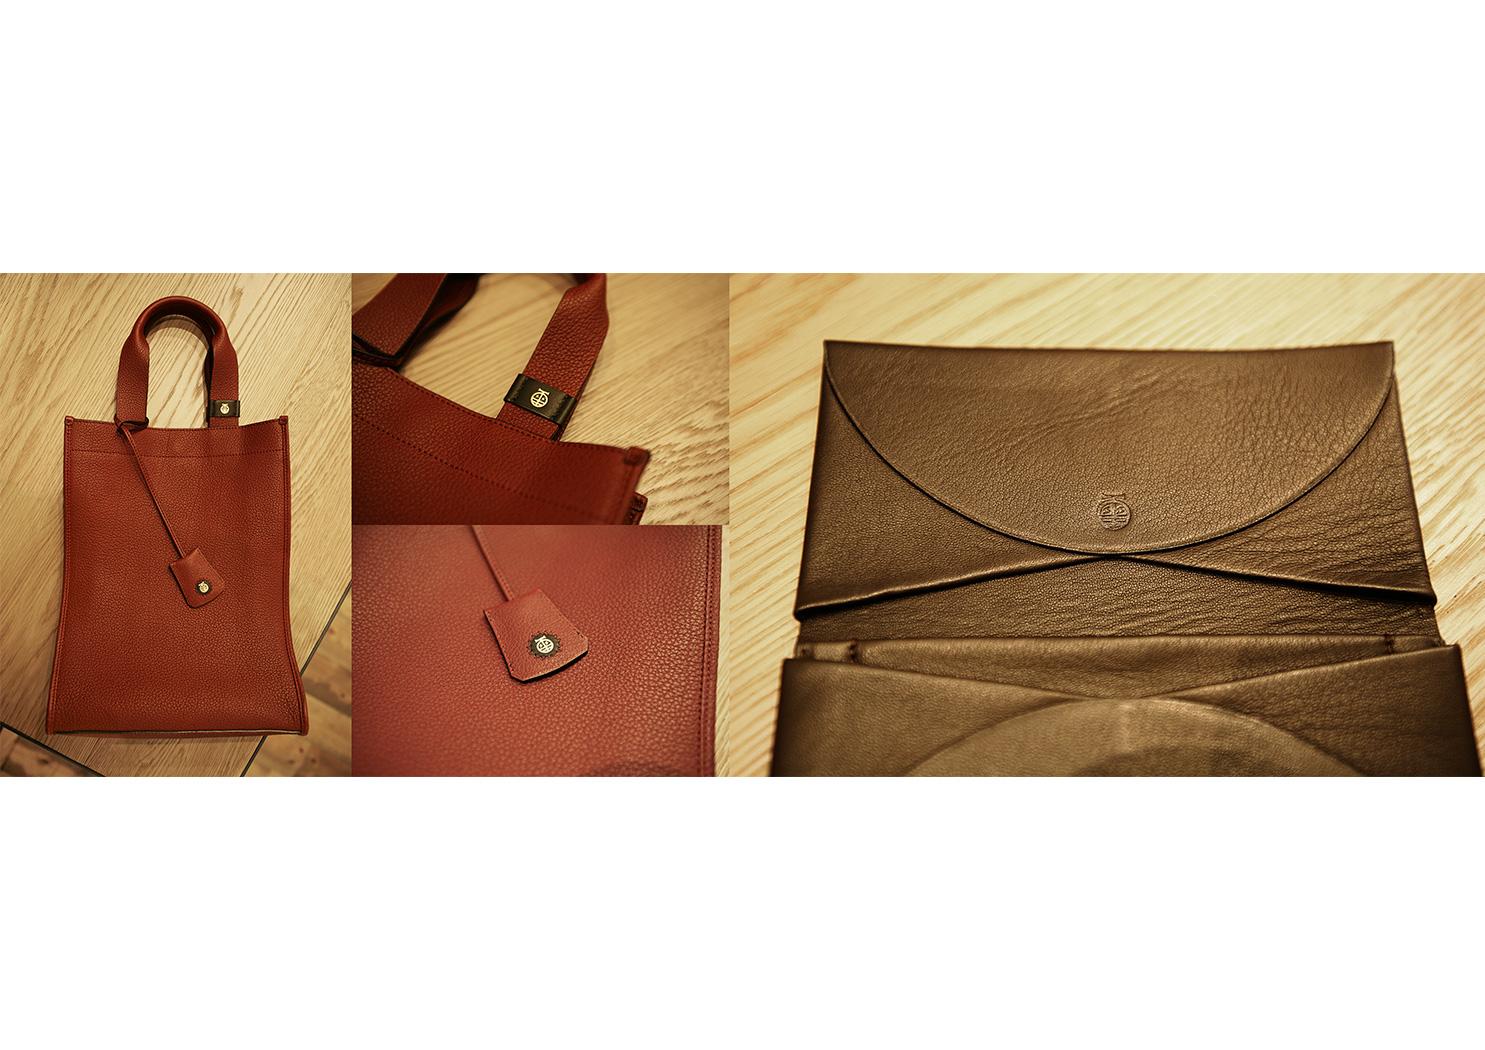 Raita Koizumi Office Bag & Wallet